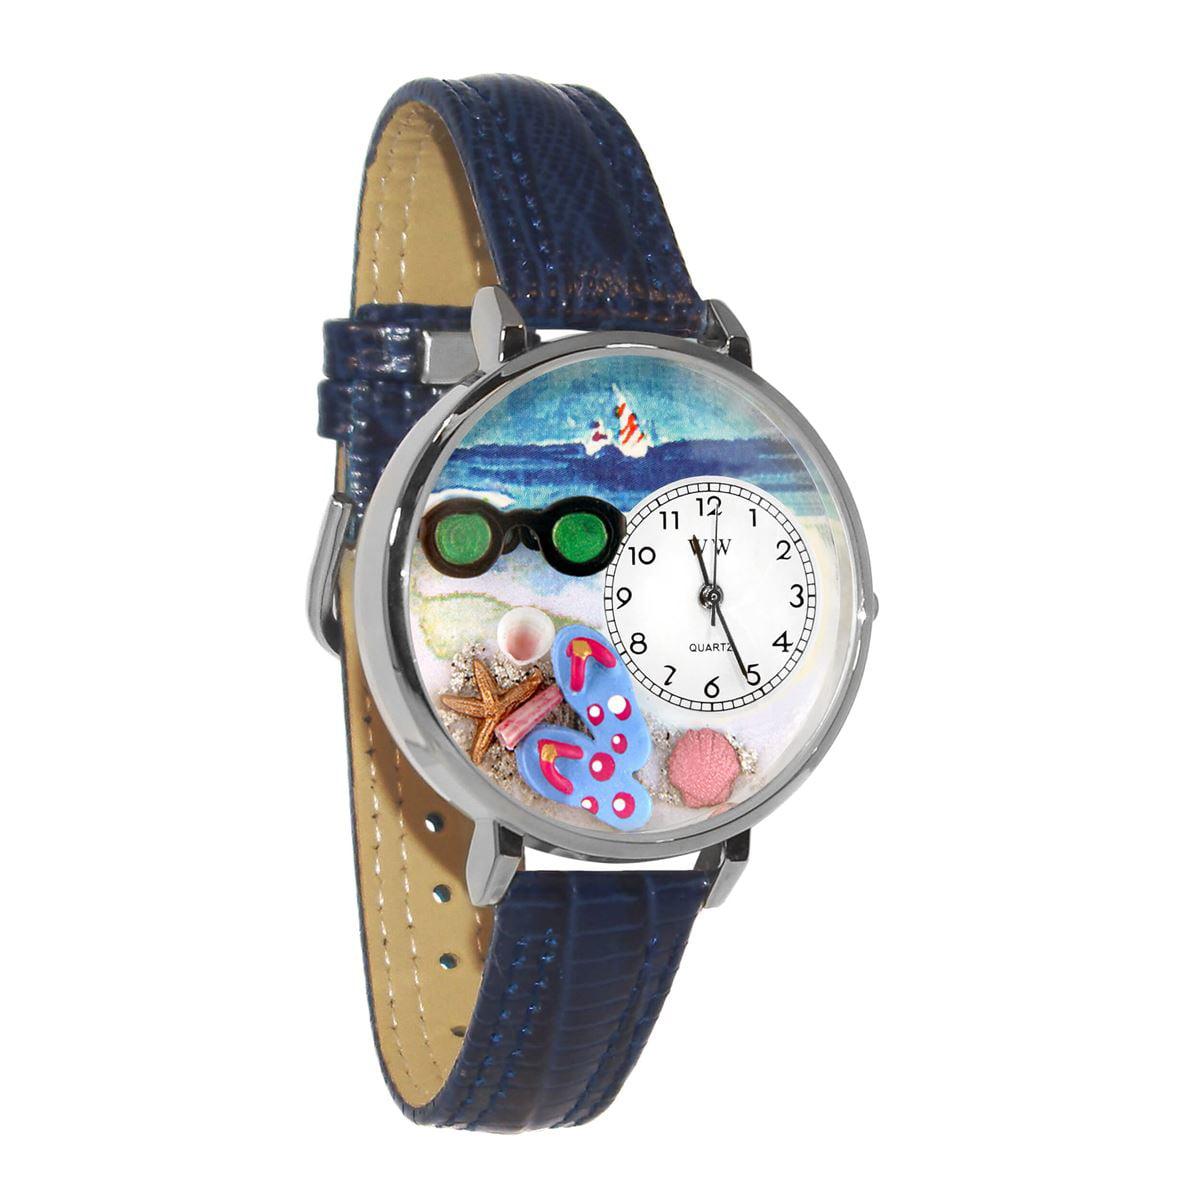 Flip-flops Watch in Silver (Large)